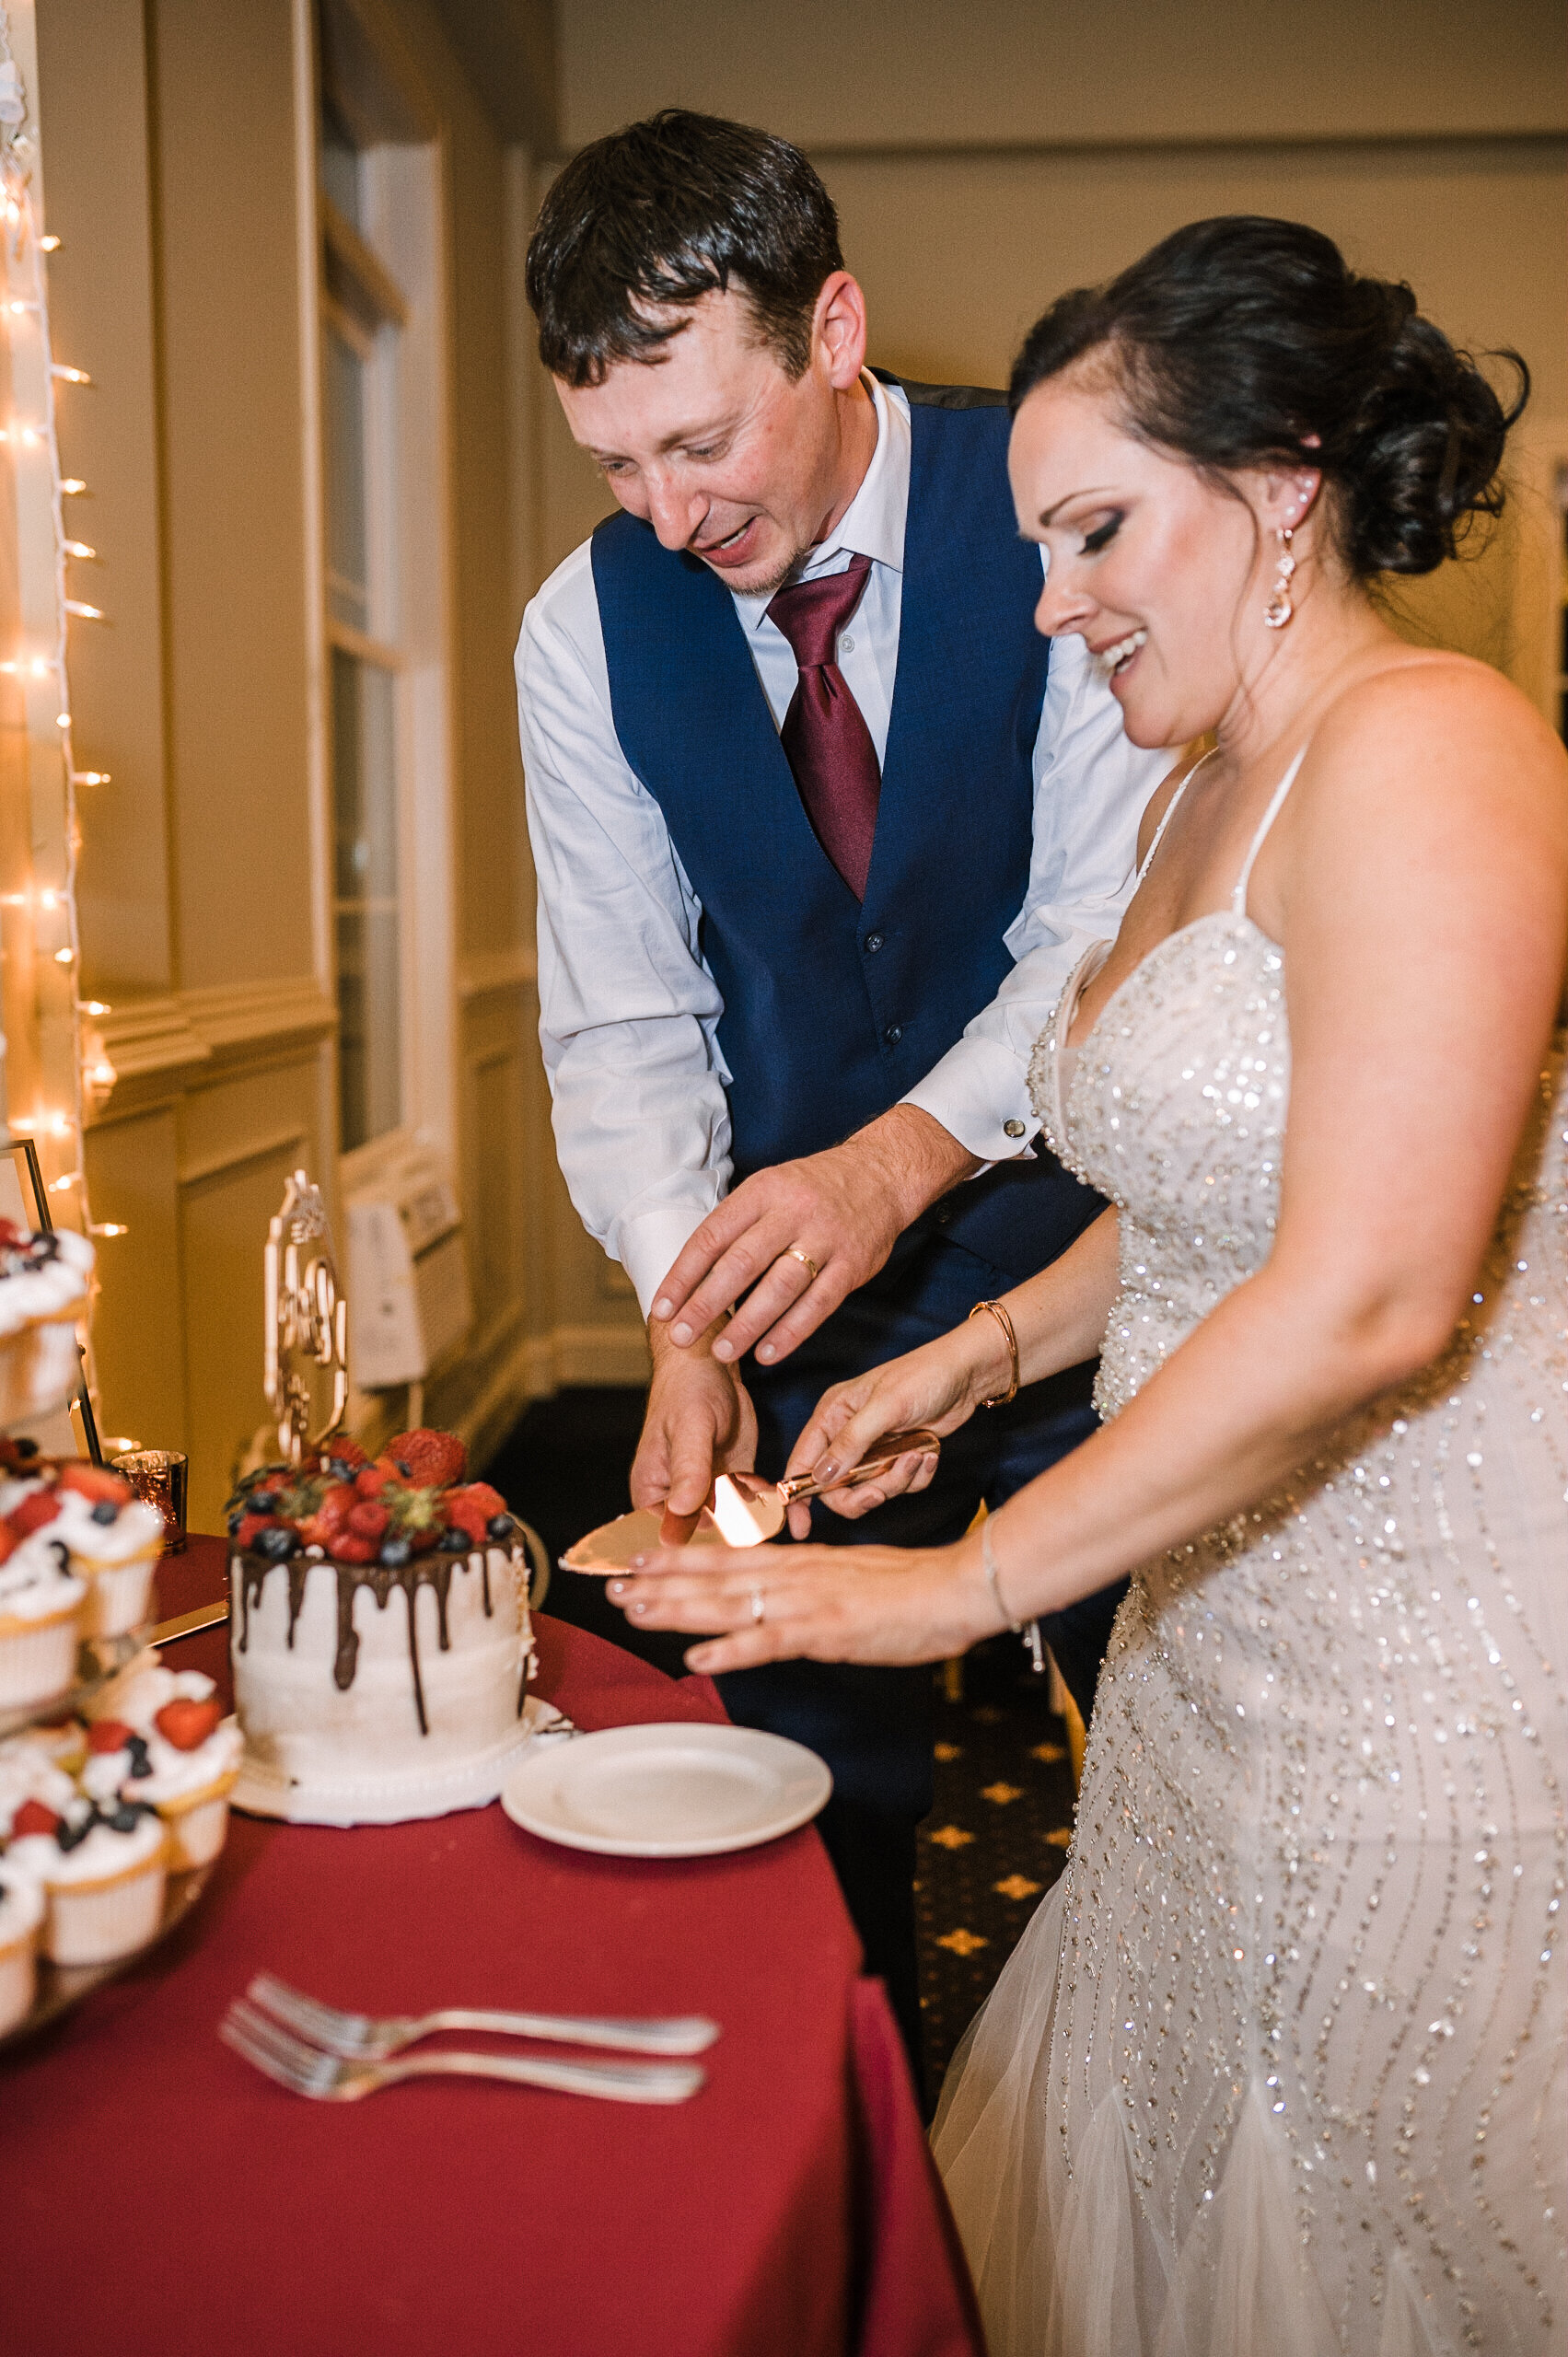 bride and groom cutting wedding cake at Westfields Golf Club